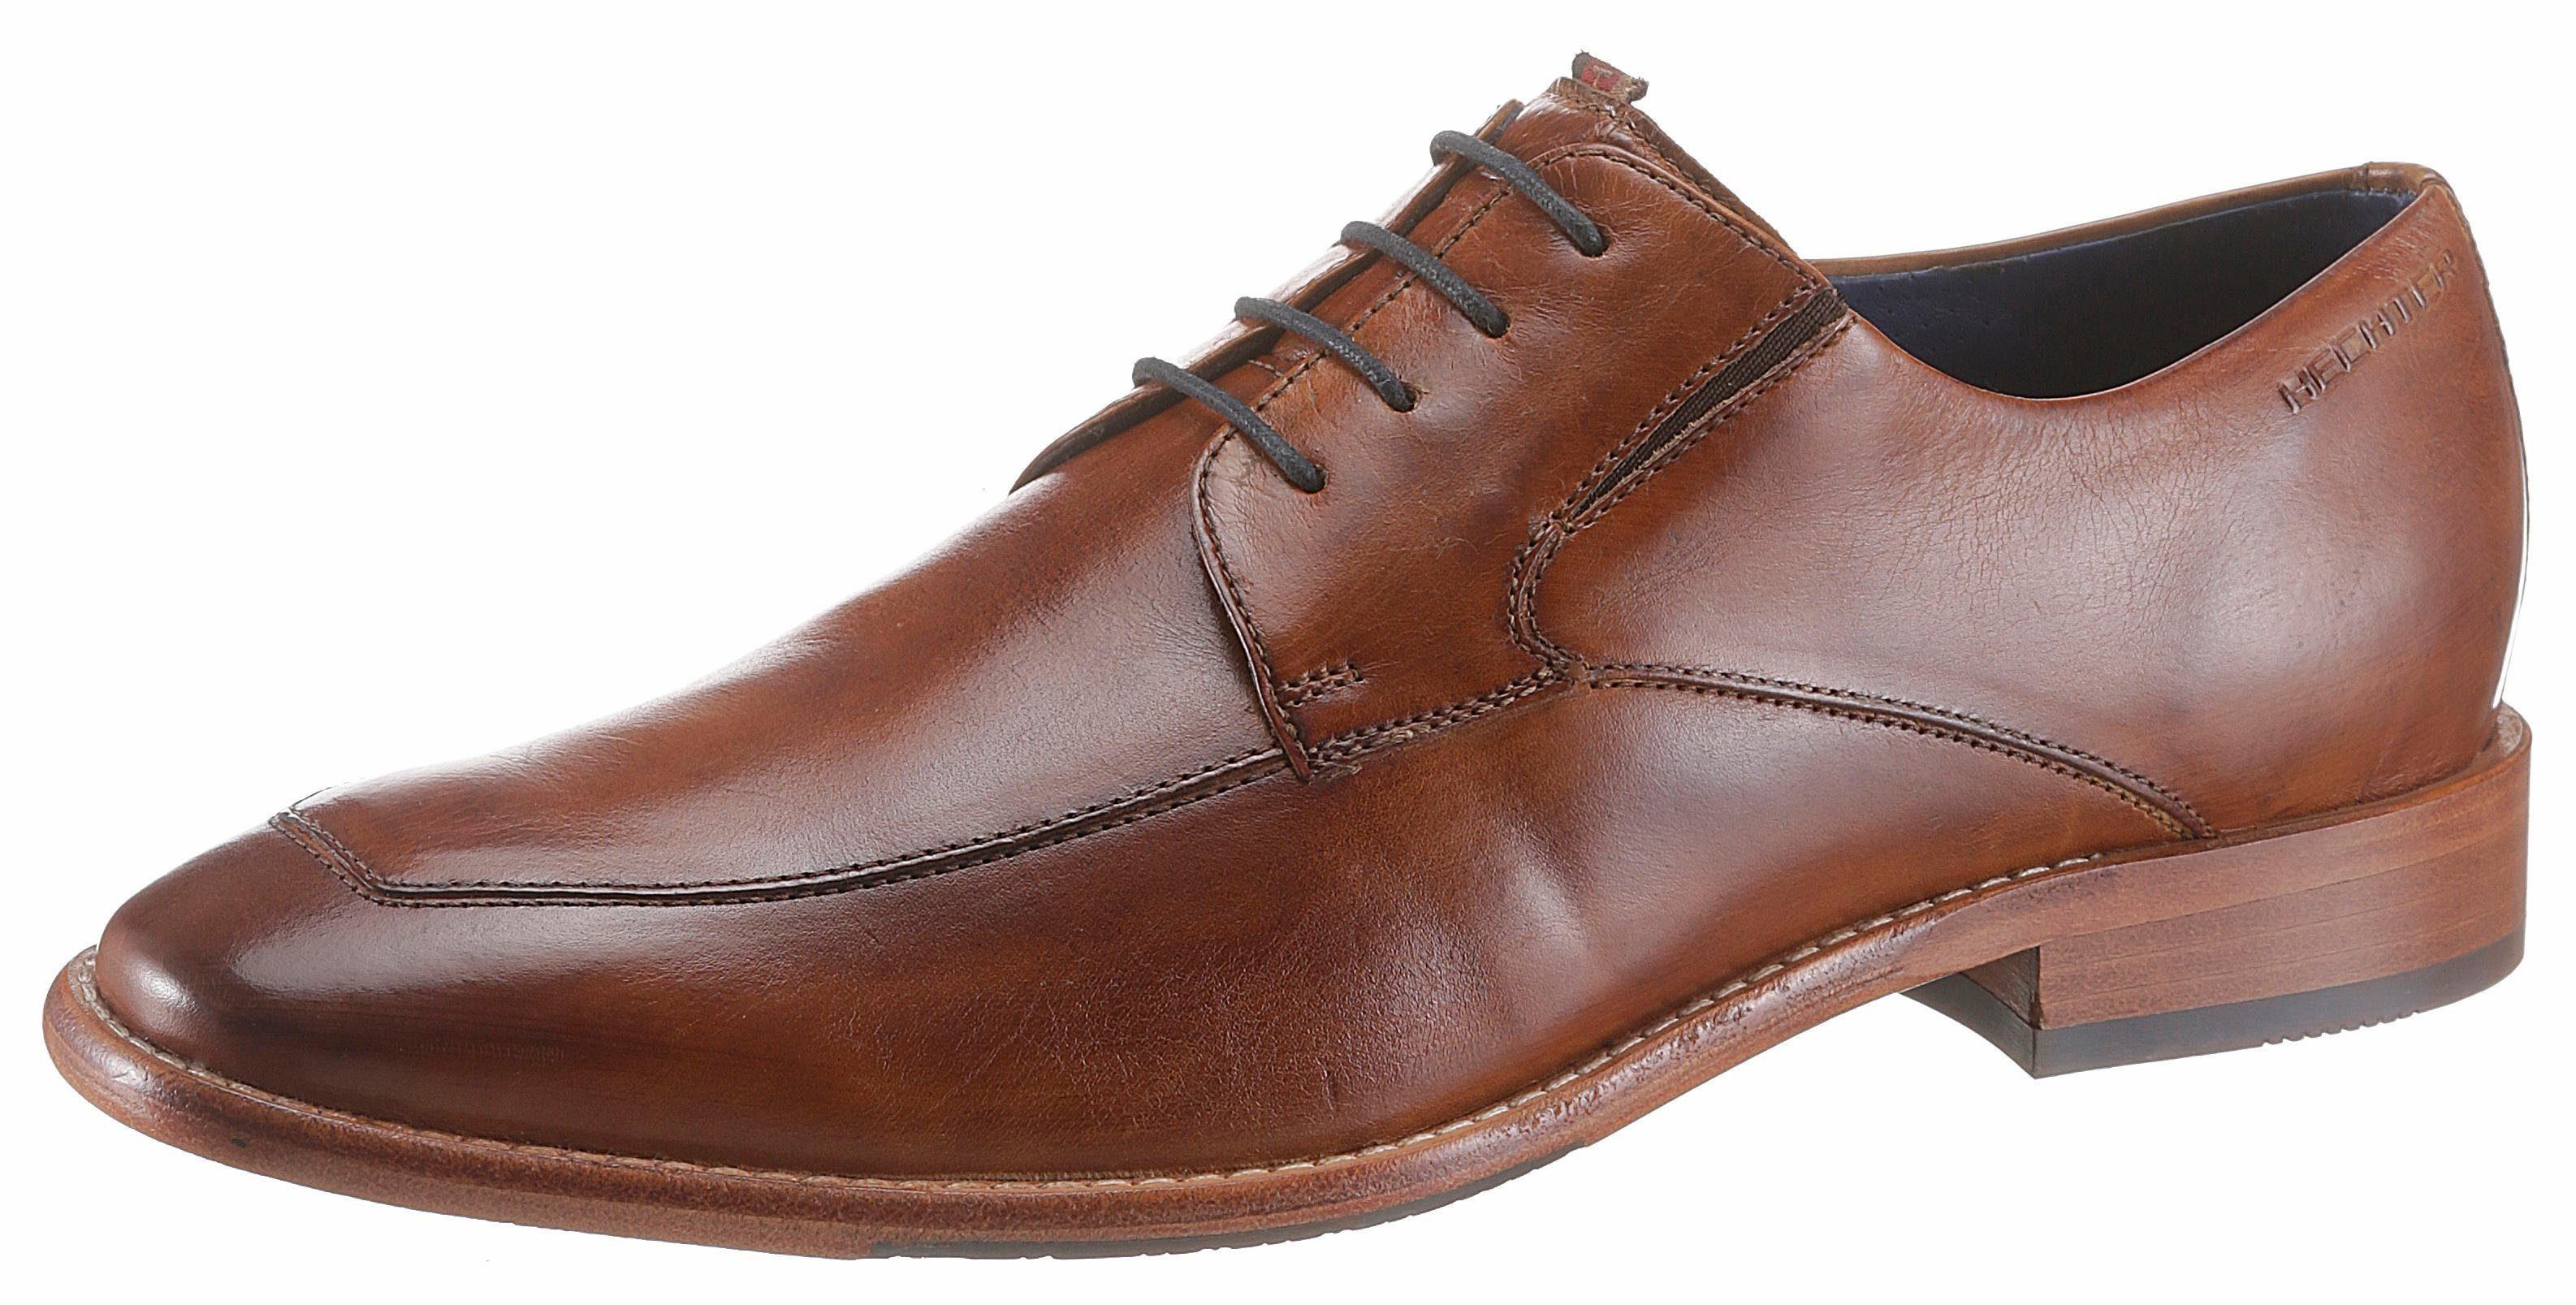 Daniel Brun Chaussures En Dentelle Plus - Hommes - Taille 42 tK9EQih